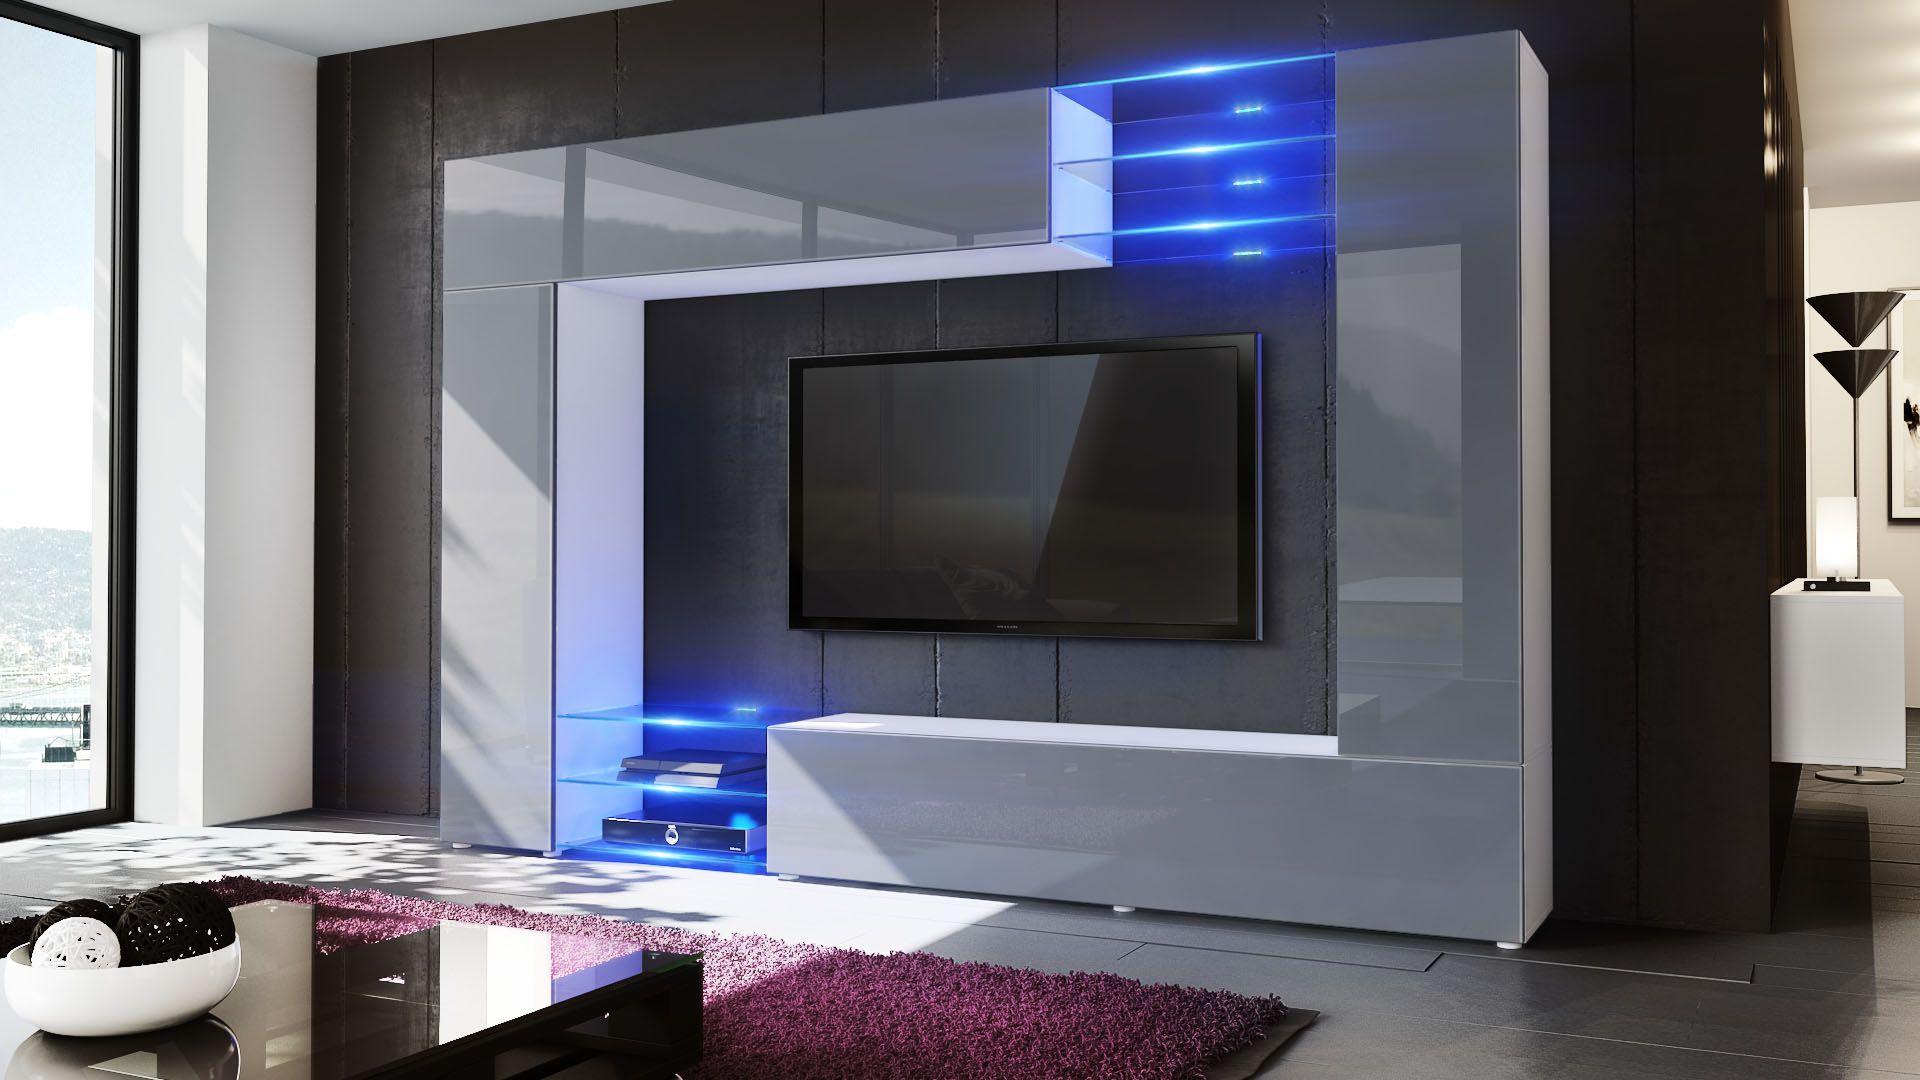 Mirage Wohnwand Einzigartiges Design Mit Hochglanzfronten Und  # Vladon Meuble Tv